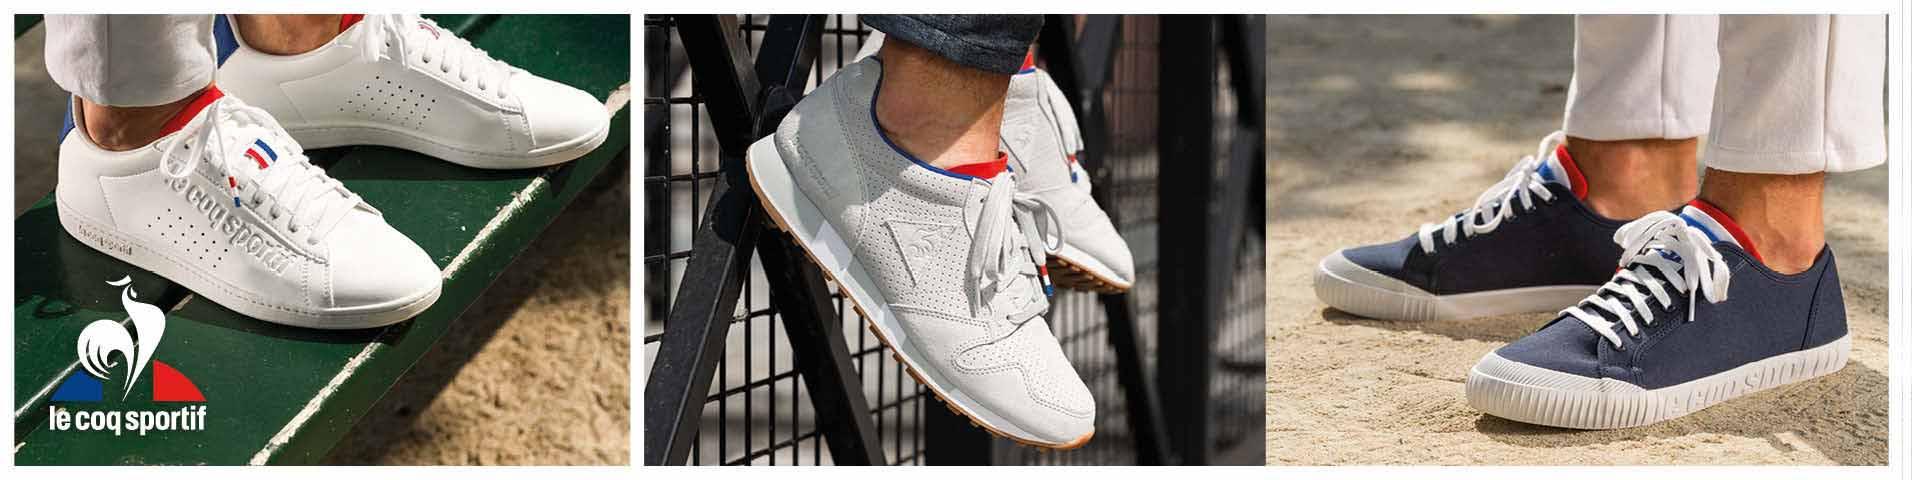 Auf ganz leisen Sohlen: le coq sportif Sneaker für Herren